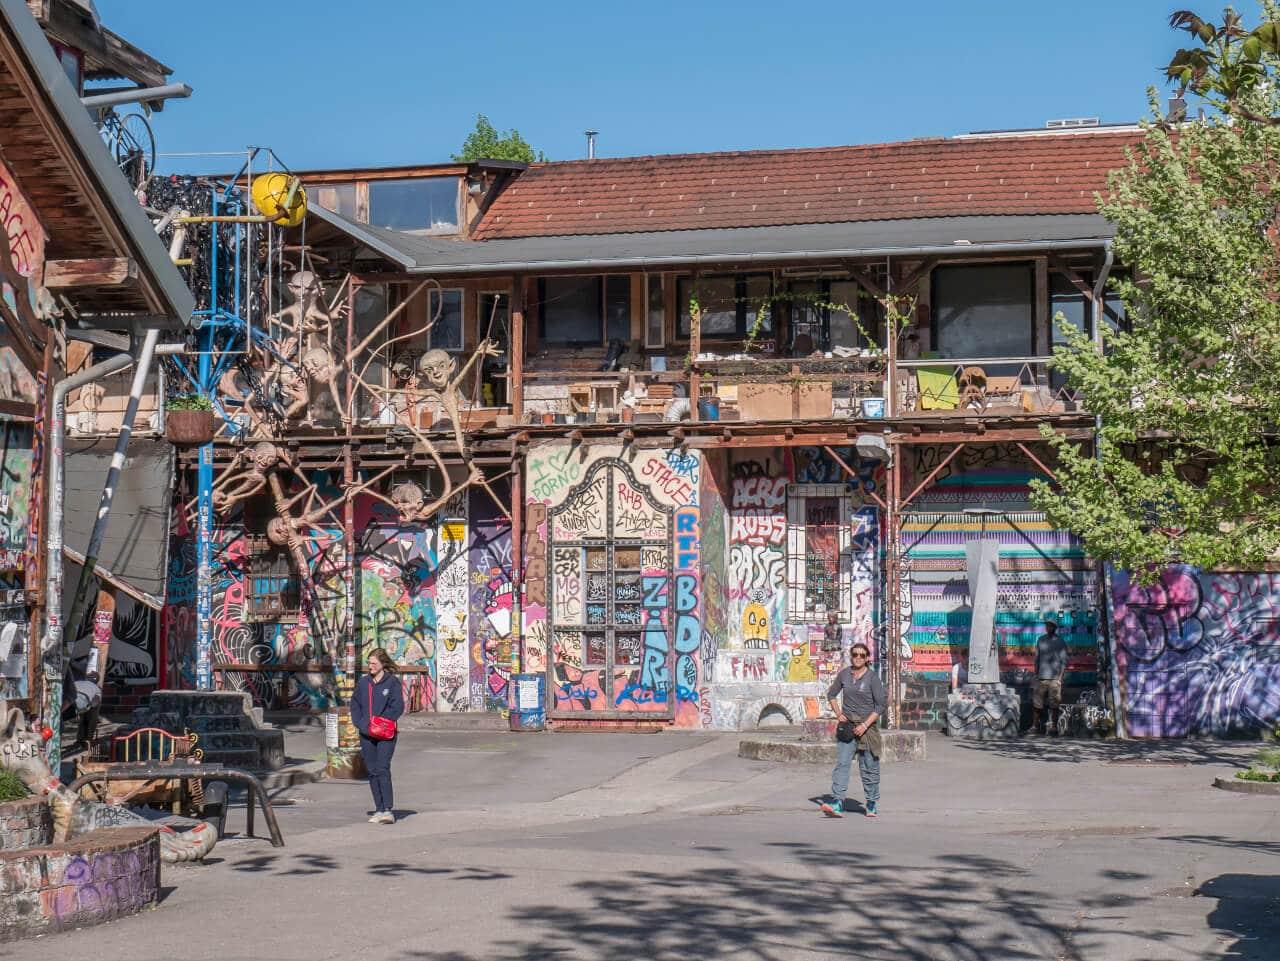 Budynek w alternatywnej dzielnicy Metelkova